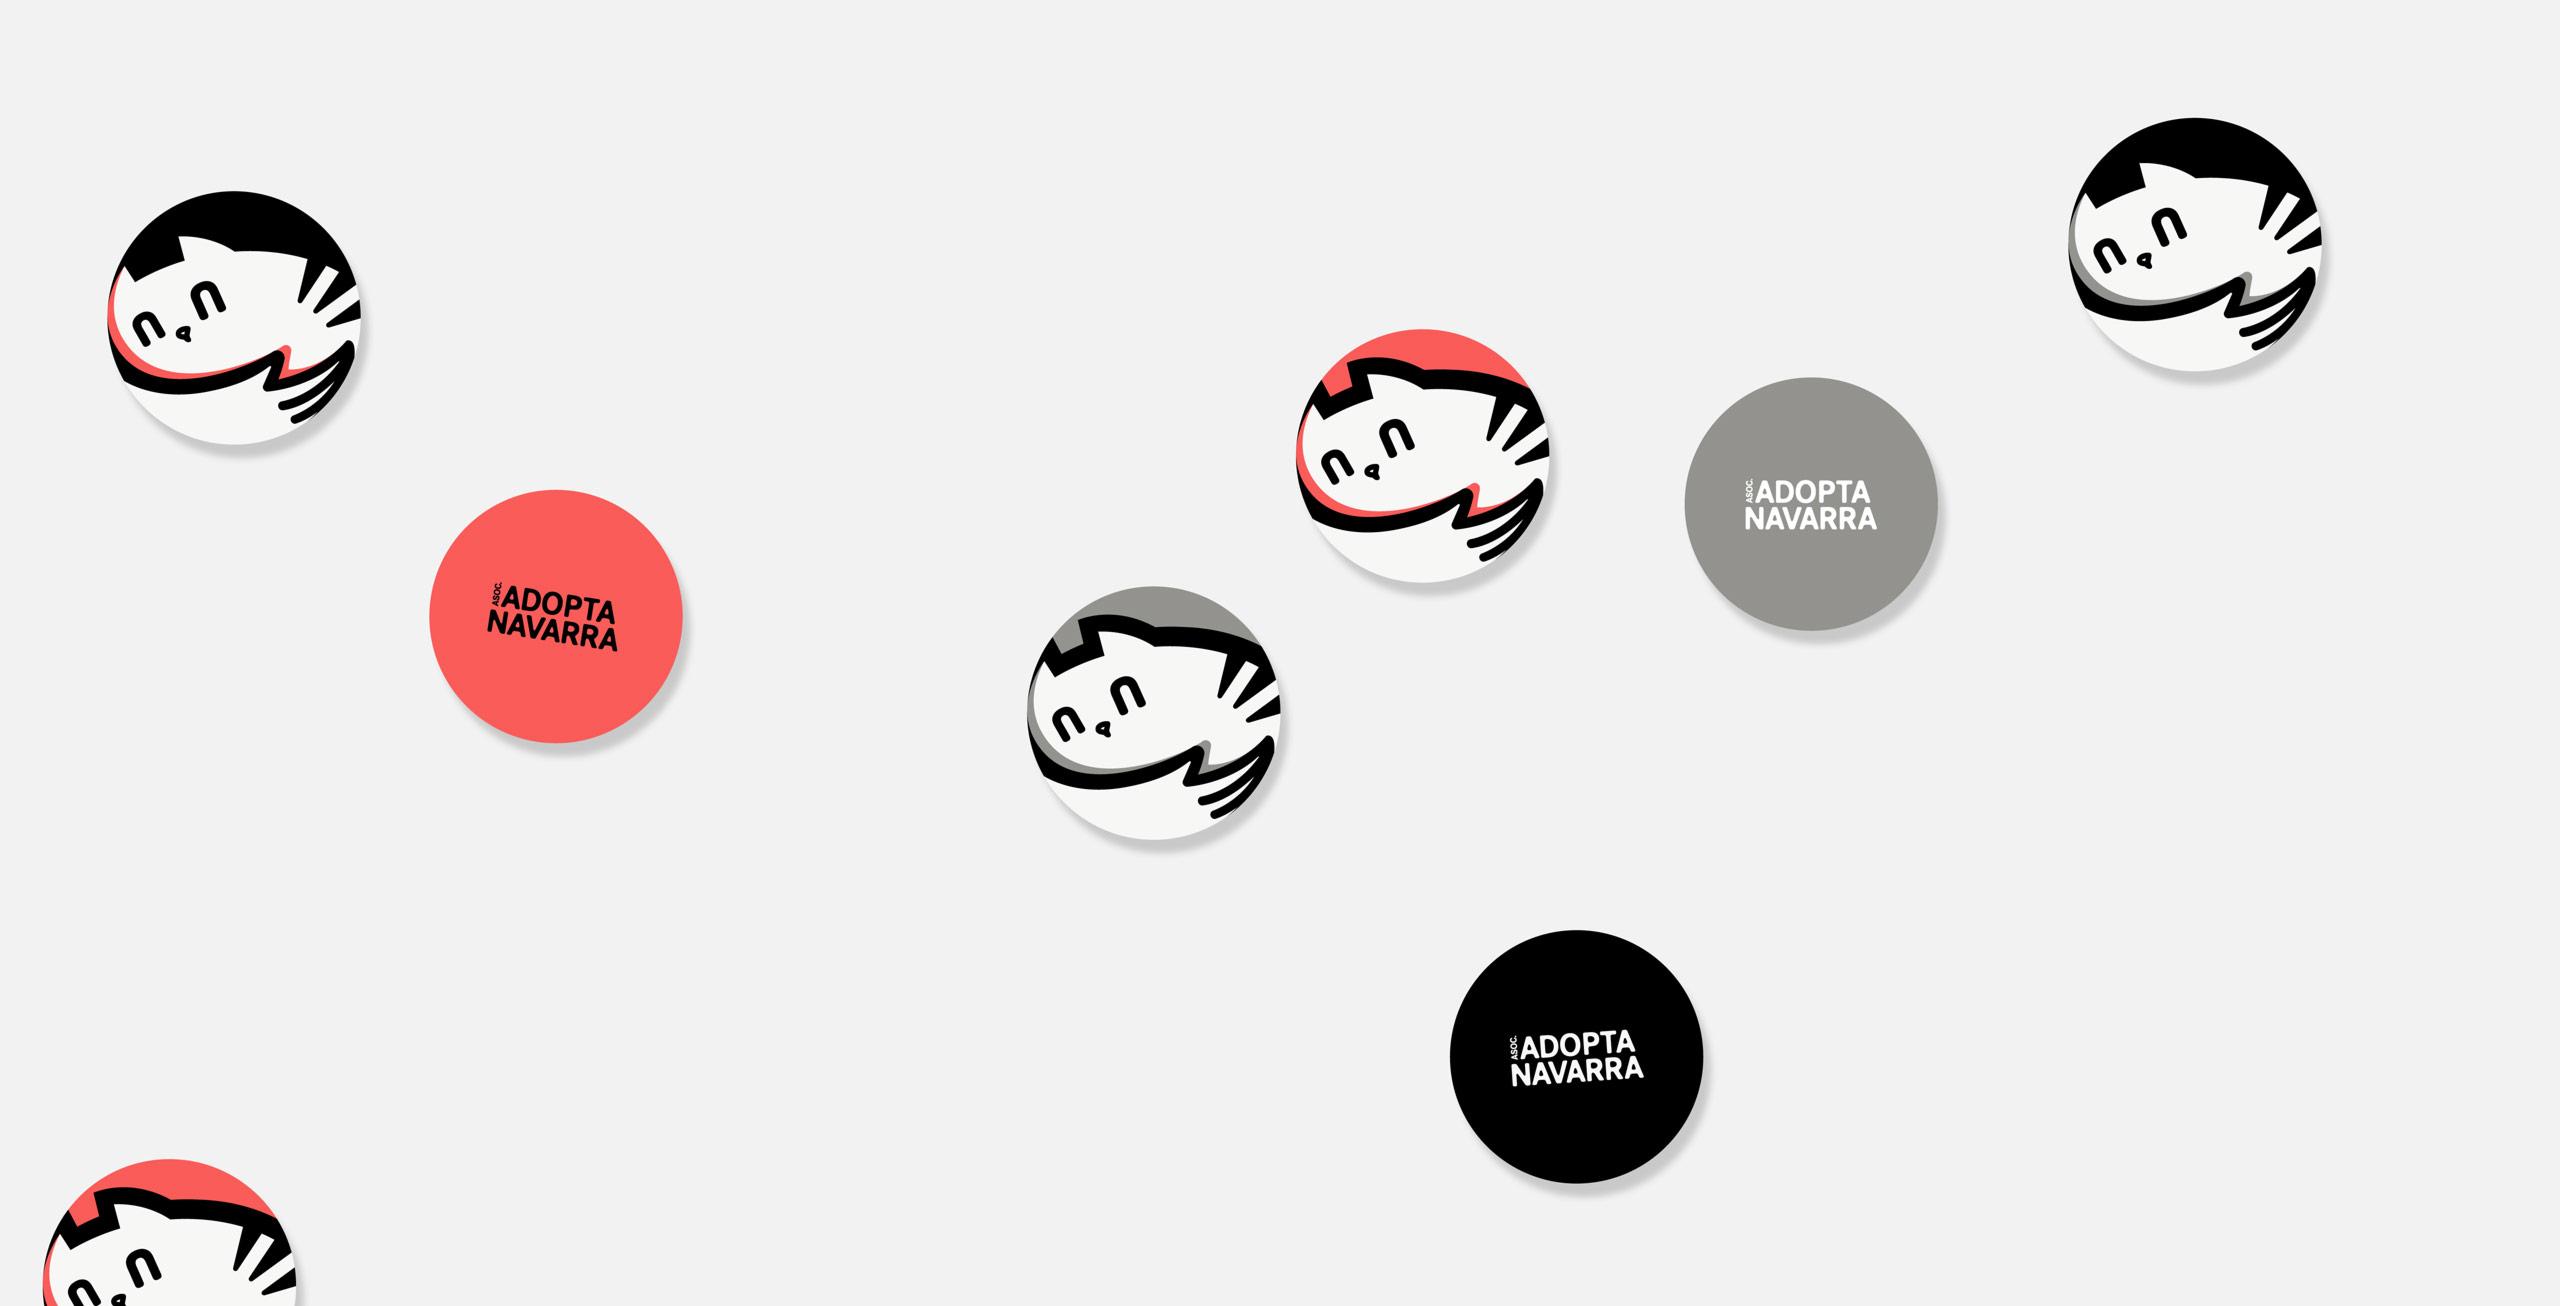 diseño de chapas corporativas para Adopta Navarra